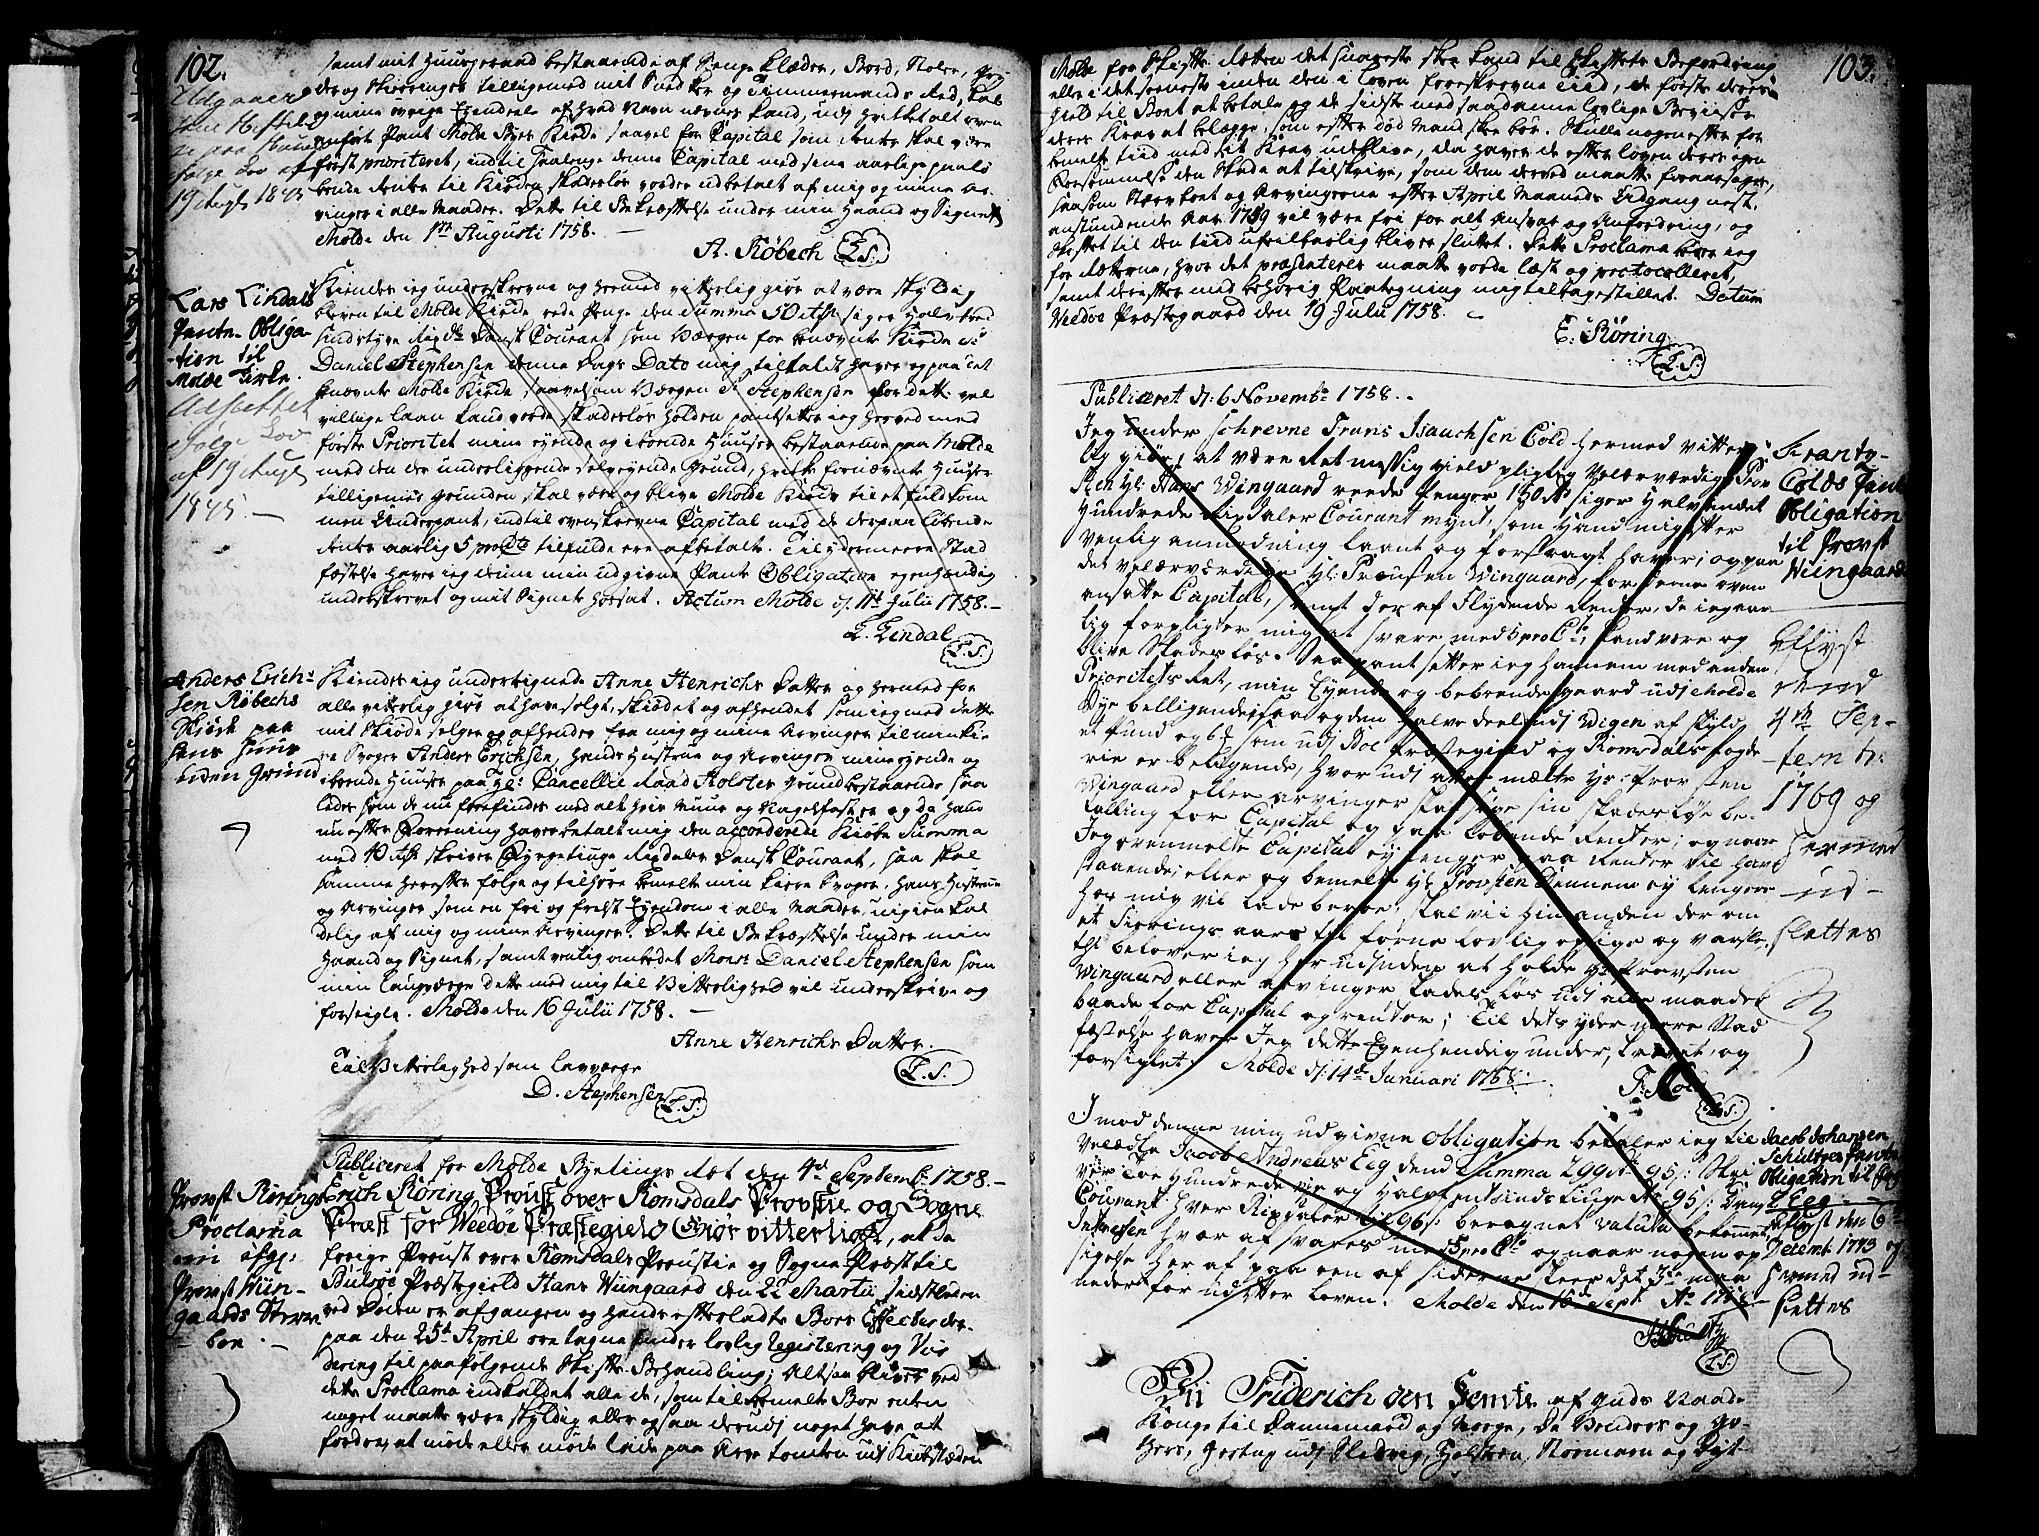 SAT, Molde byfogd, 2C/L0001: Pantebok nr. 1, 1748-1823, s. 102-103